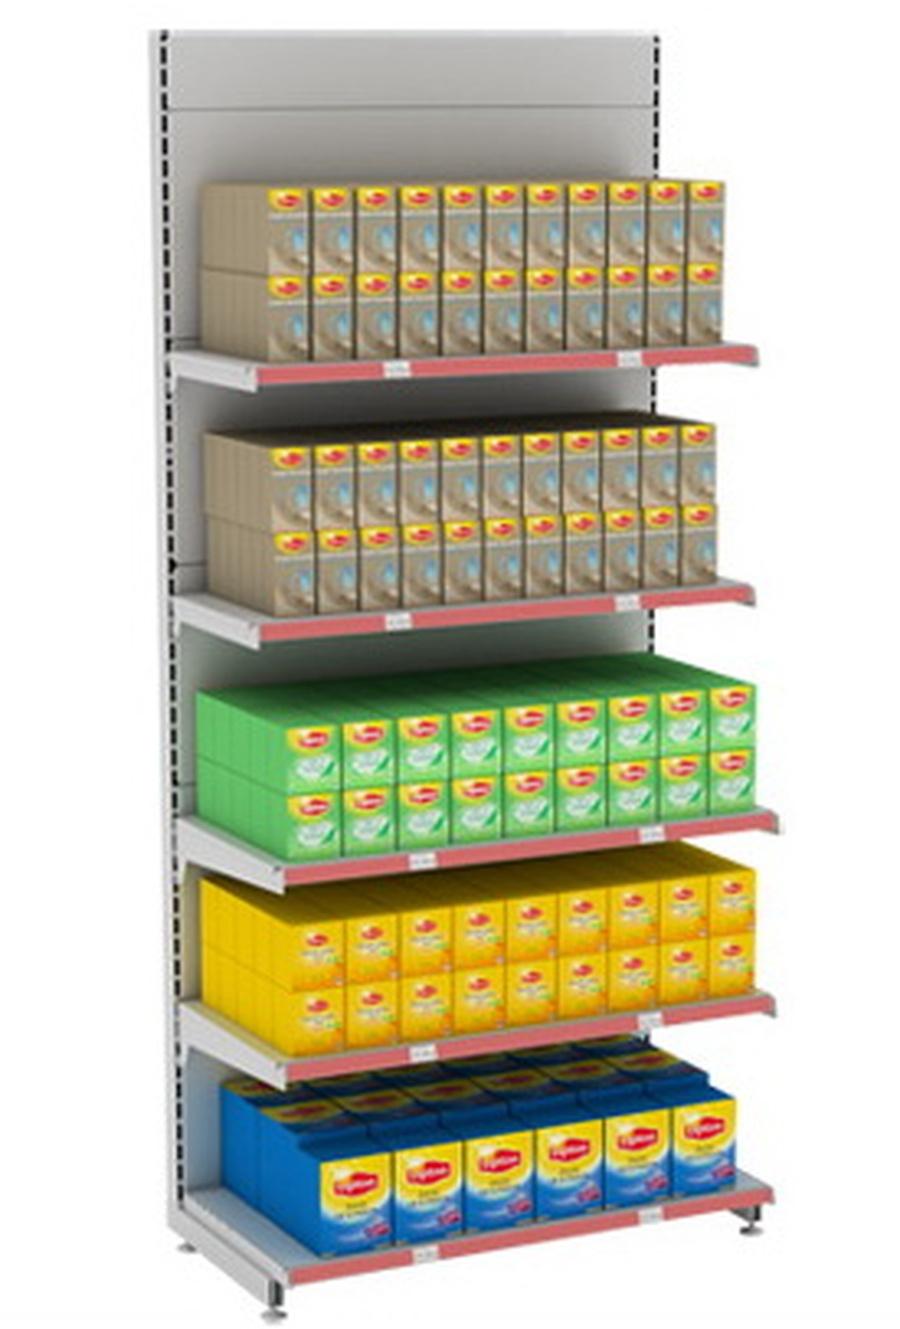 Широкий ассортимент торговых стеллажей для магазинов по доступной цене в Джанкое предлагает компания «Техностоун»